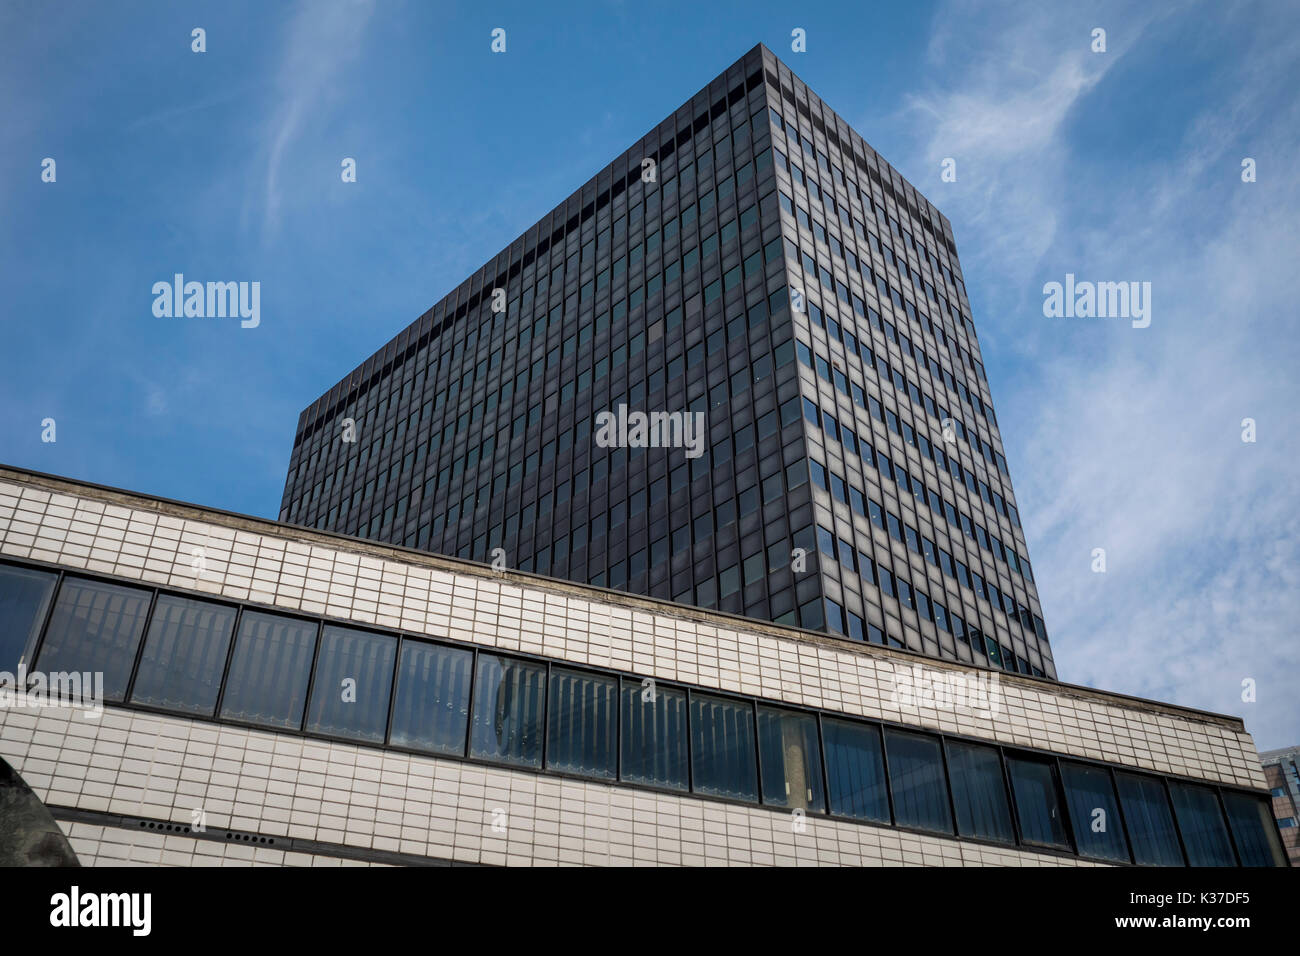 London wall style international tour de bureaux dans la ville